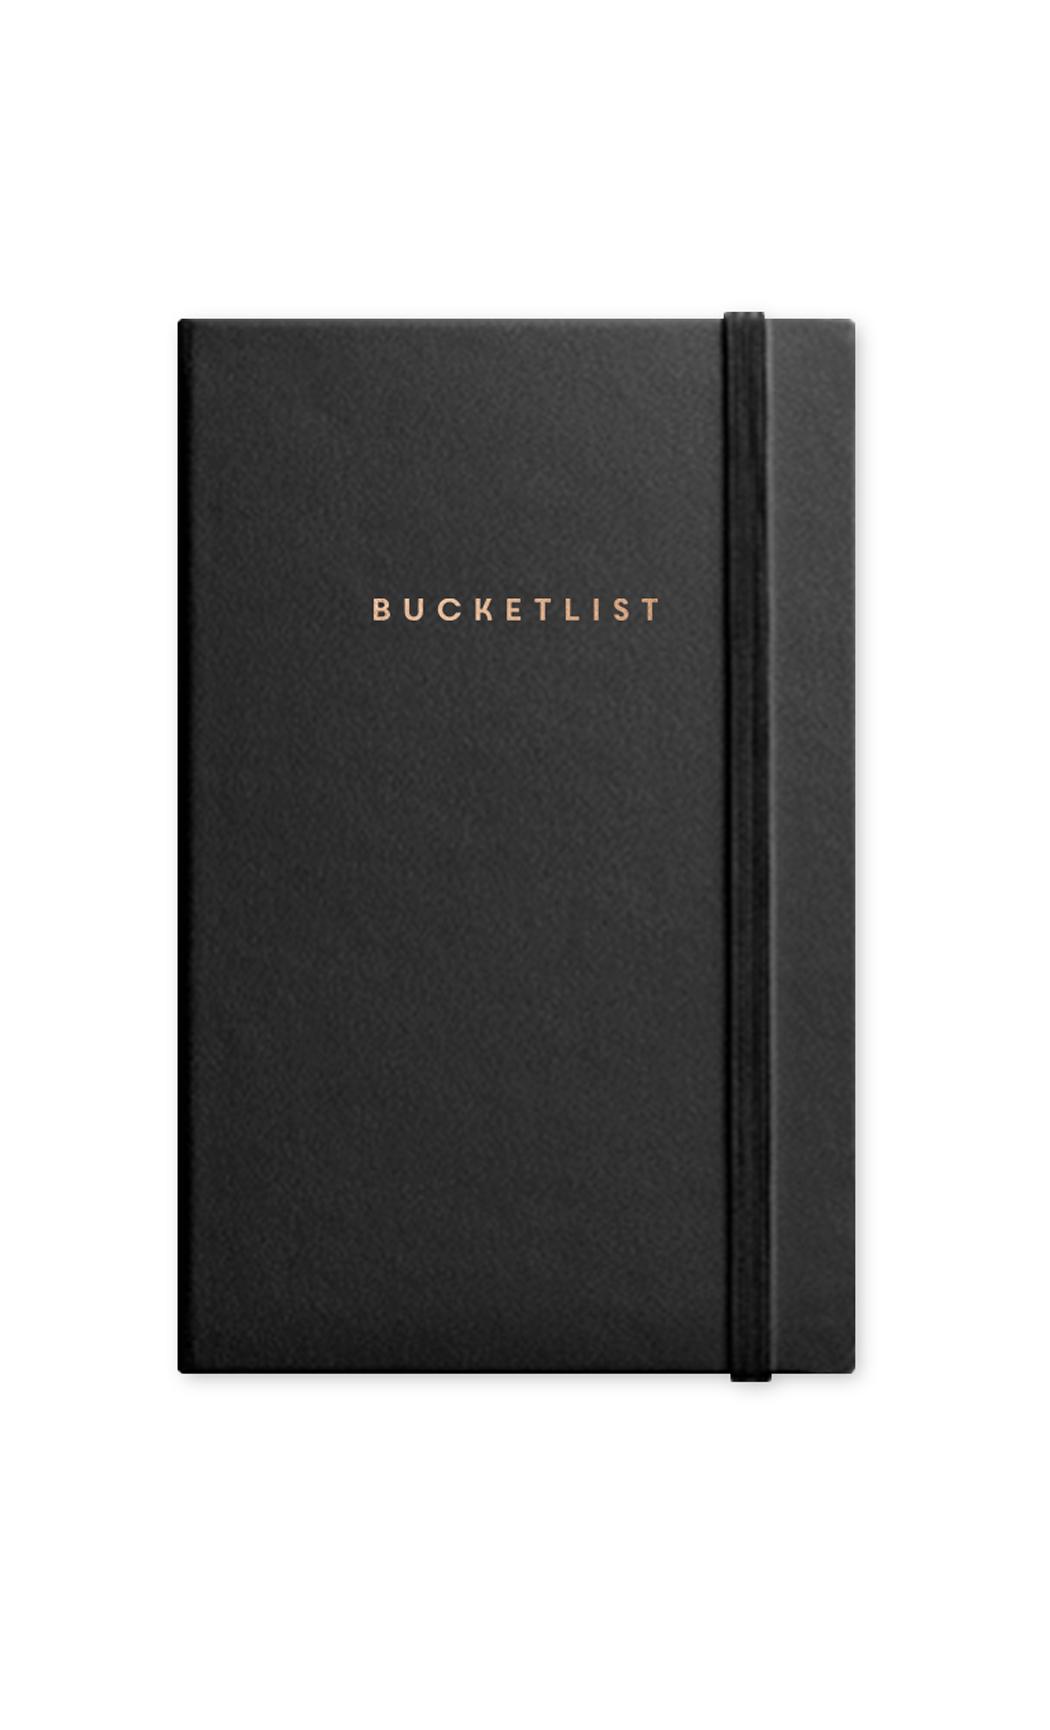 Black Bucketlist Journal With Elastic Band. Buy Online.